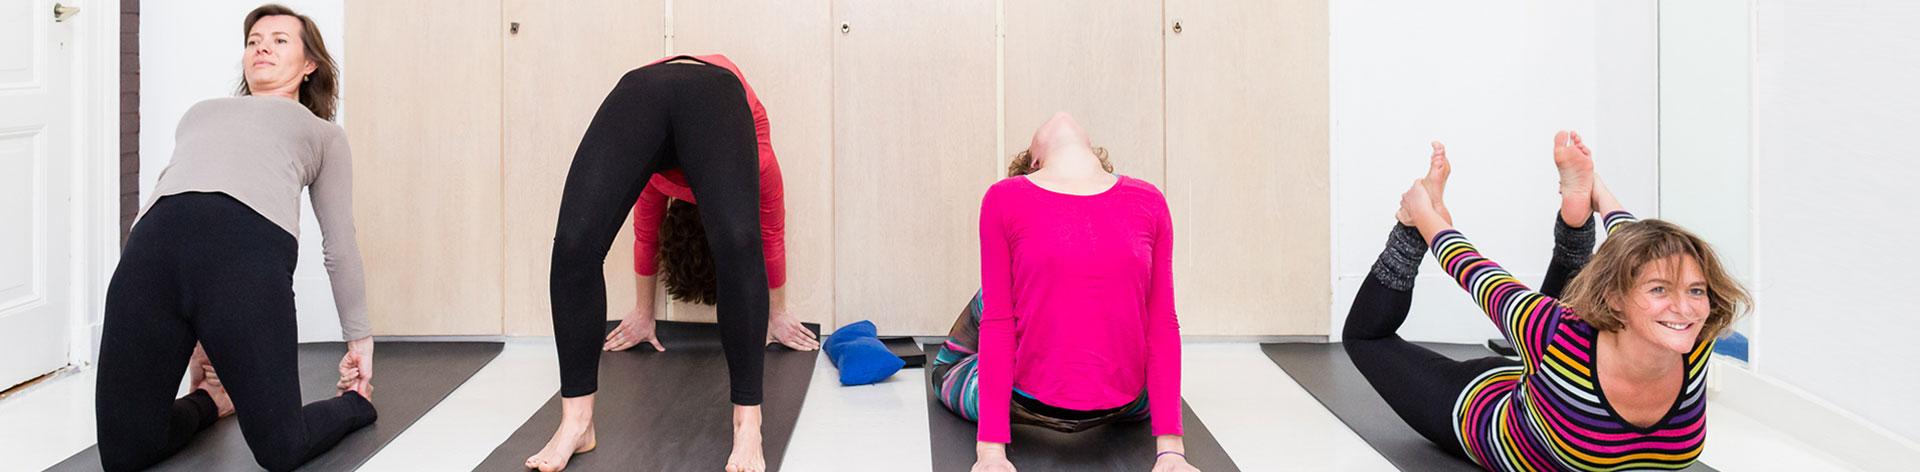 yogaschool-amsterdam